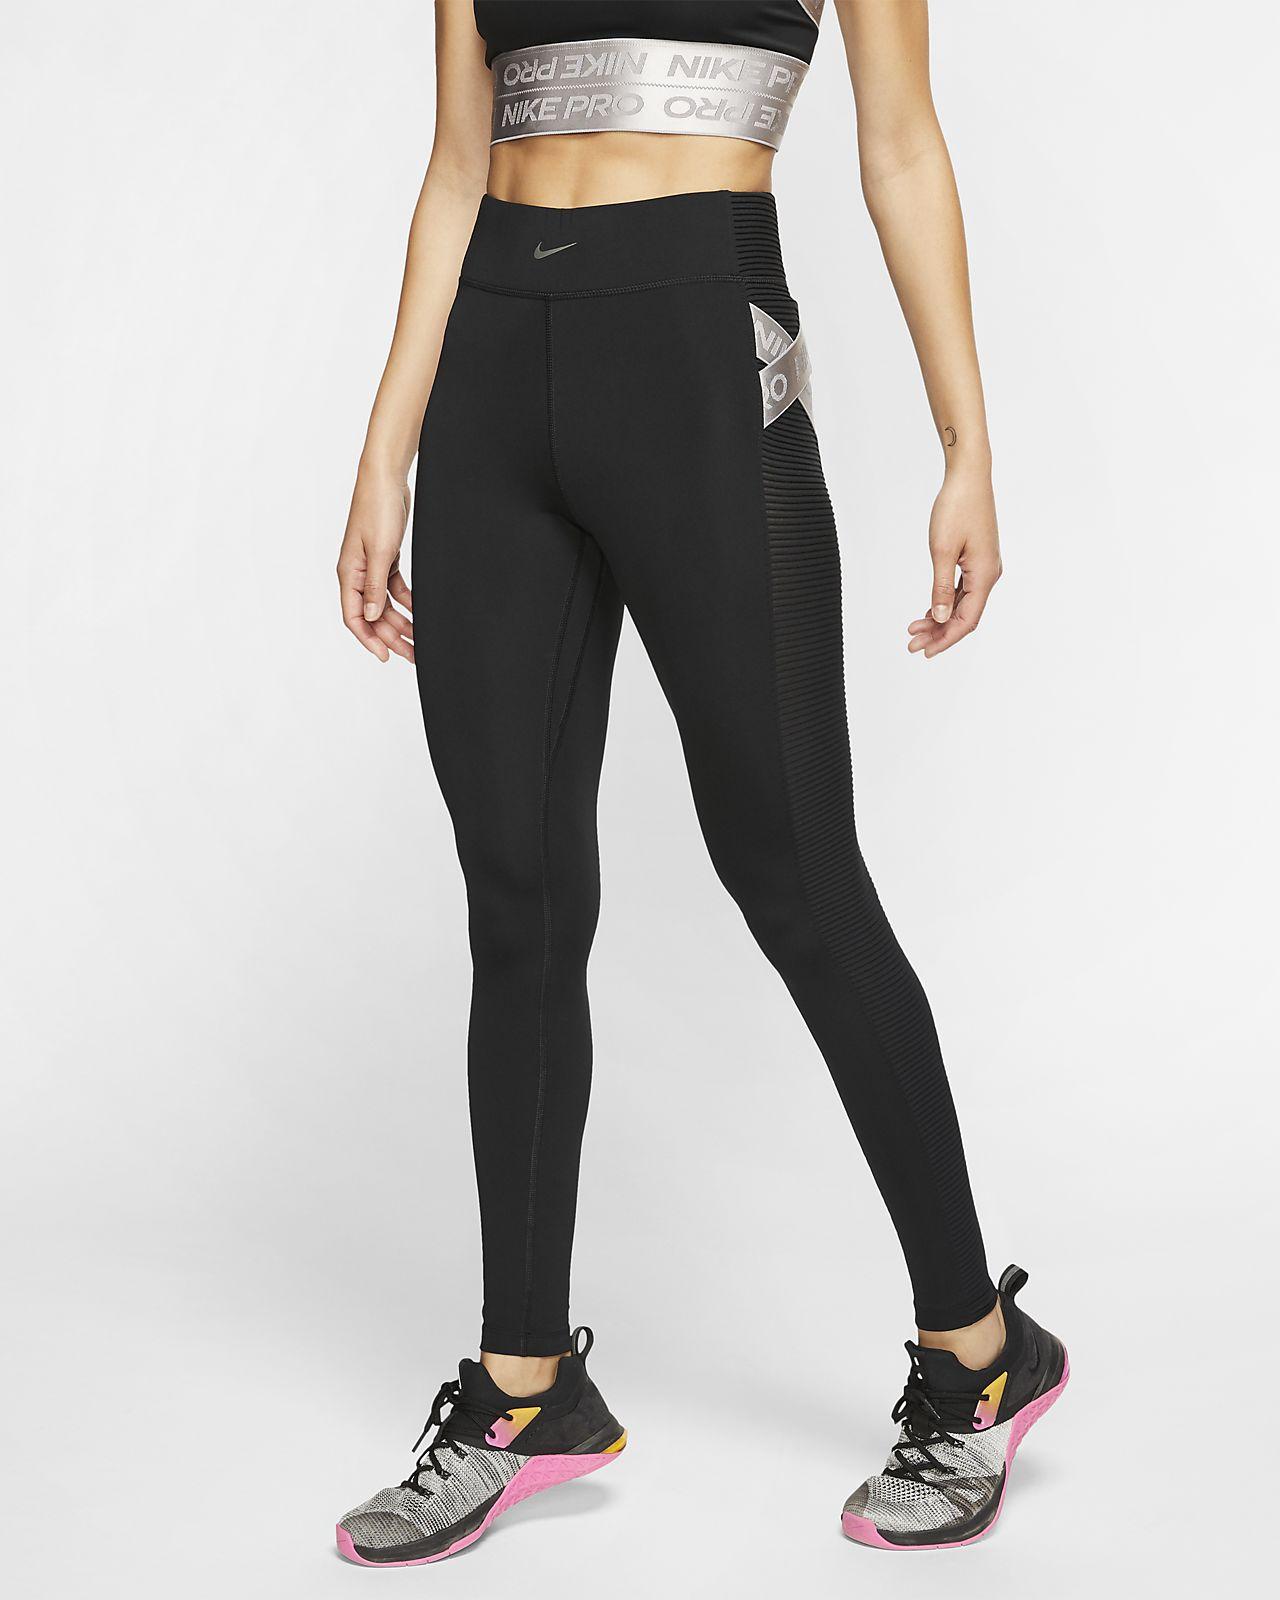 Tights Nike Pro AeroAdapt för kvinnor